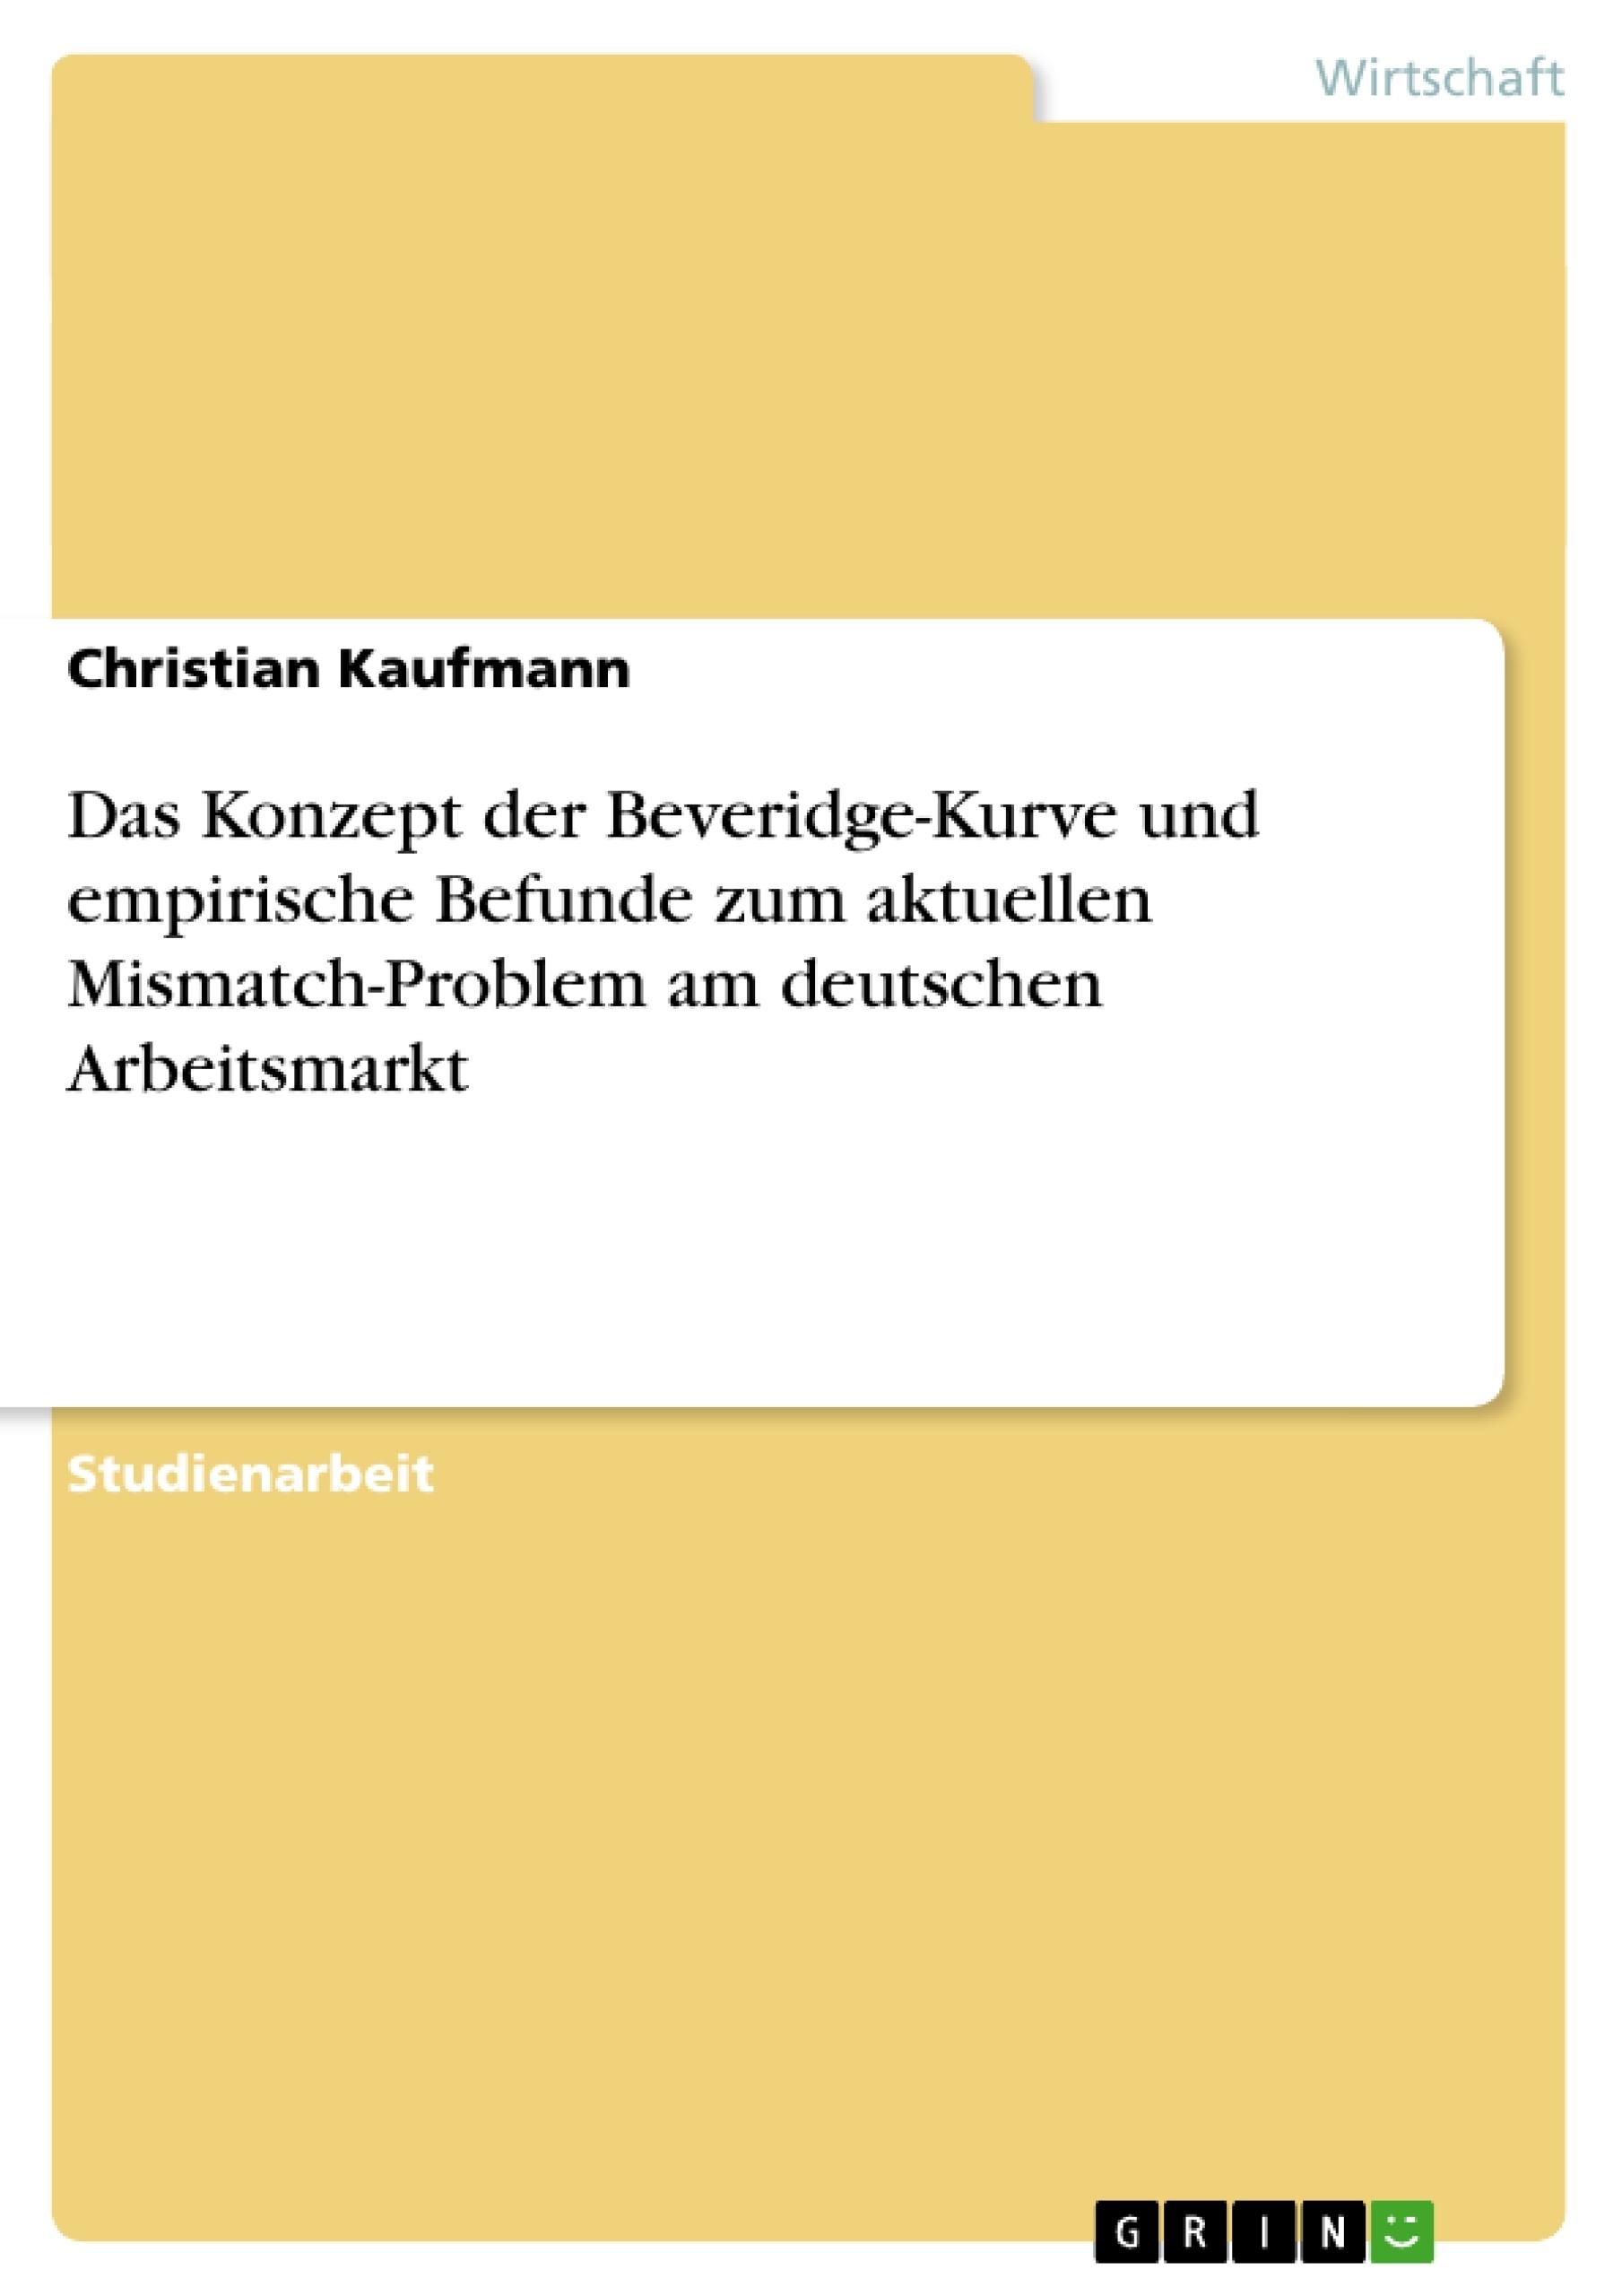 Titel: Das Konzept der Beveridge-Kurve und empirische Befunde zum aktuellen Mismatch-Problem am deutschen Arbeitsmarkt